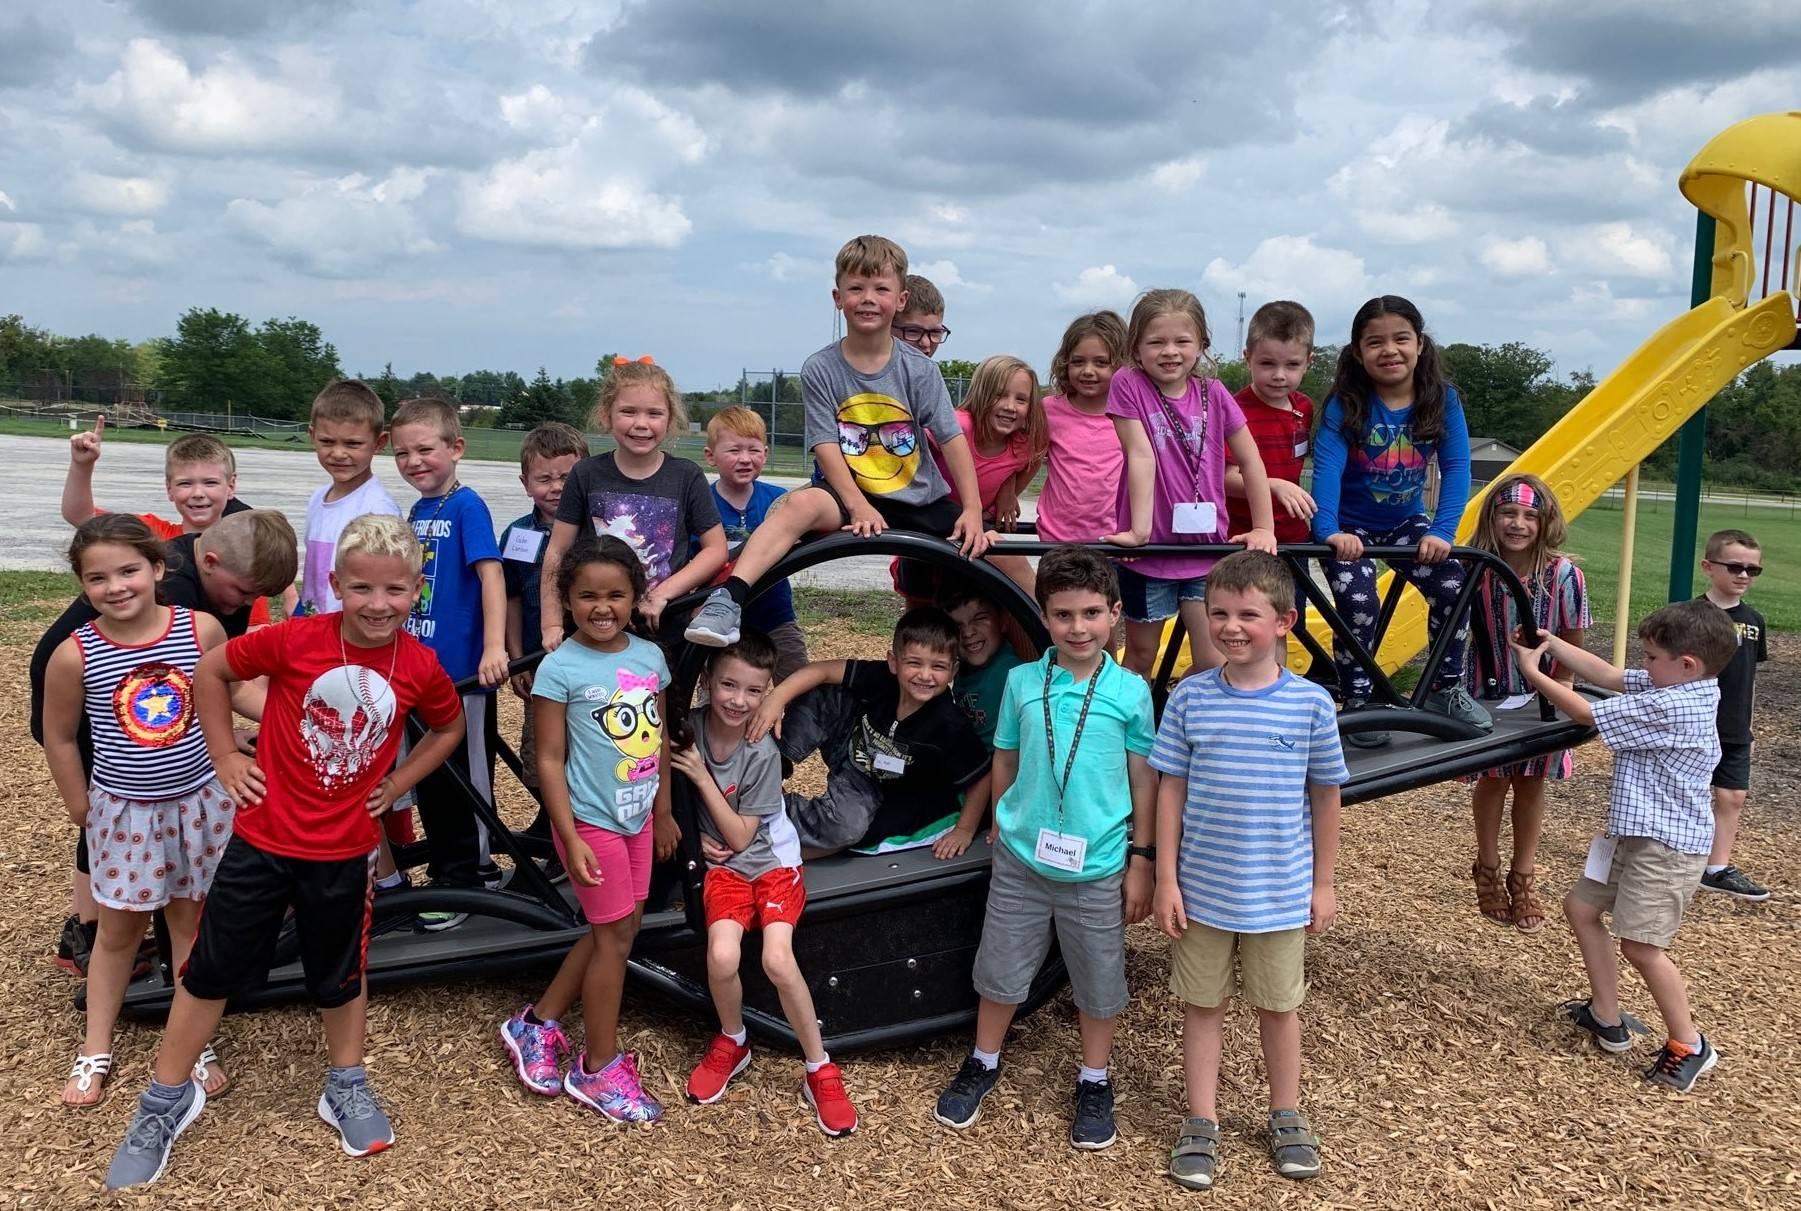 Munson Elementary students at Recess - Fall 2019